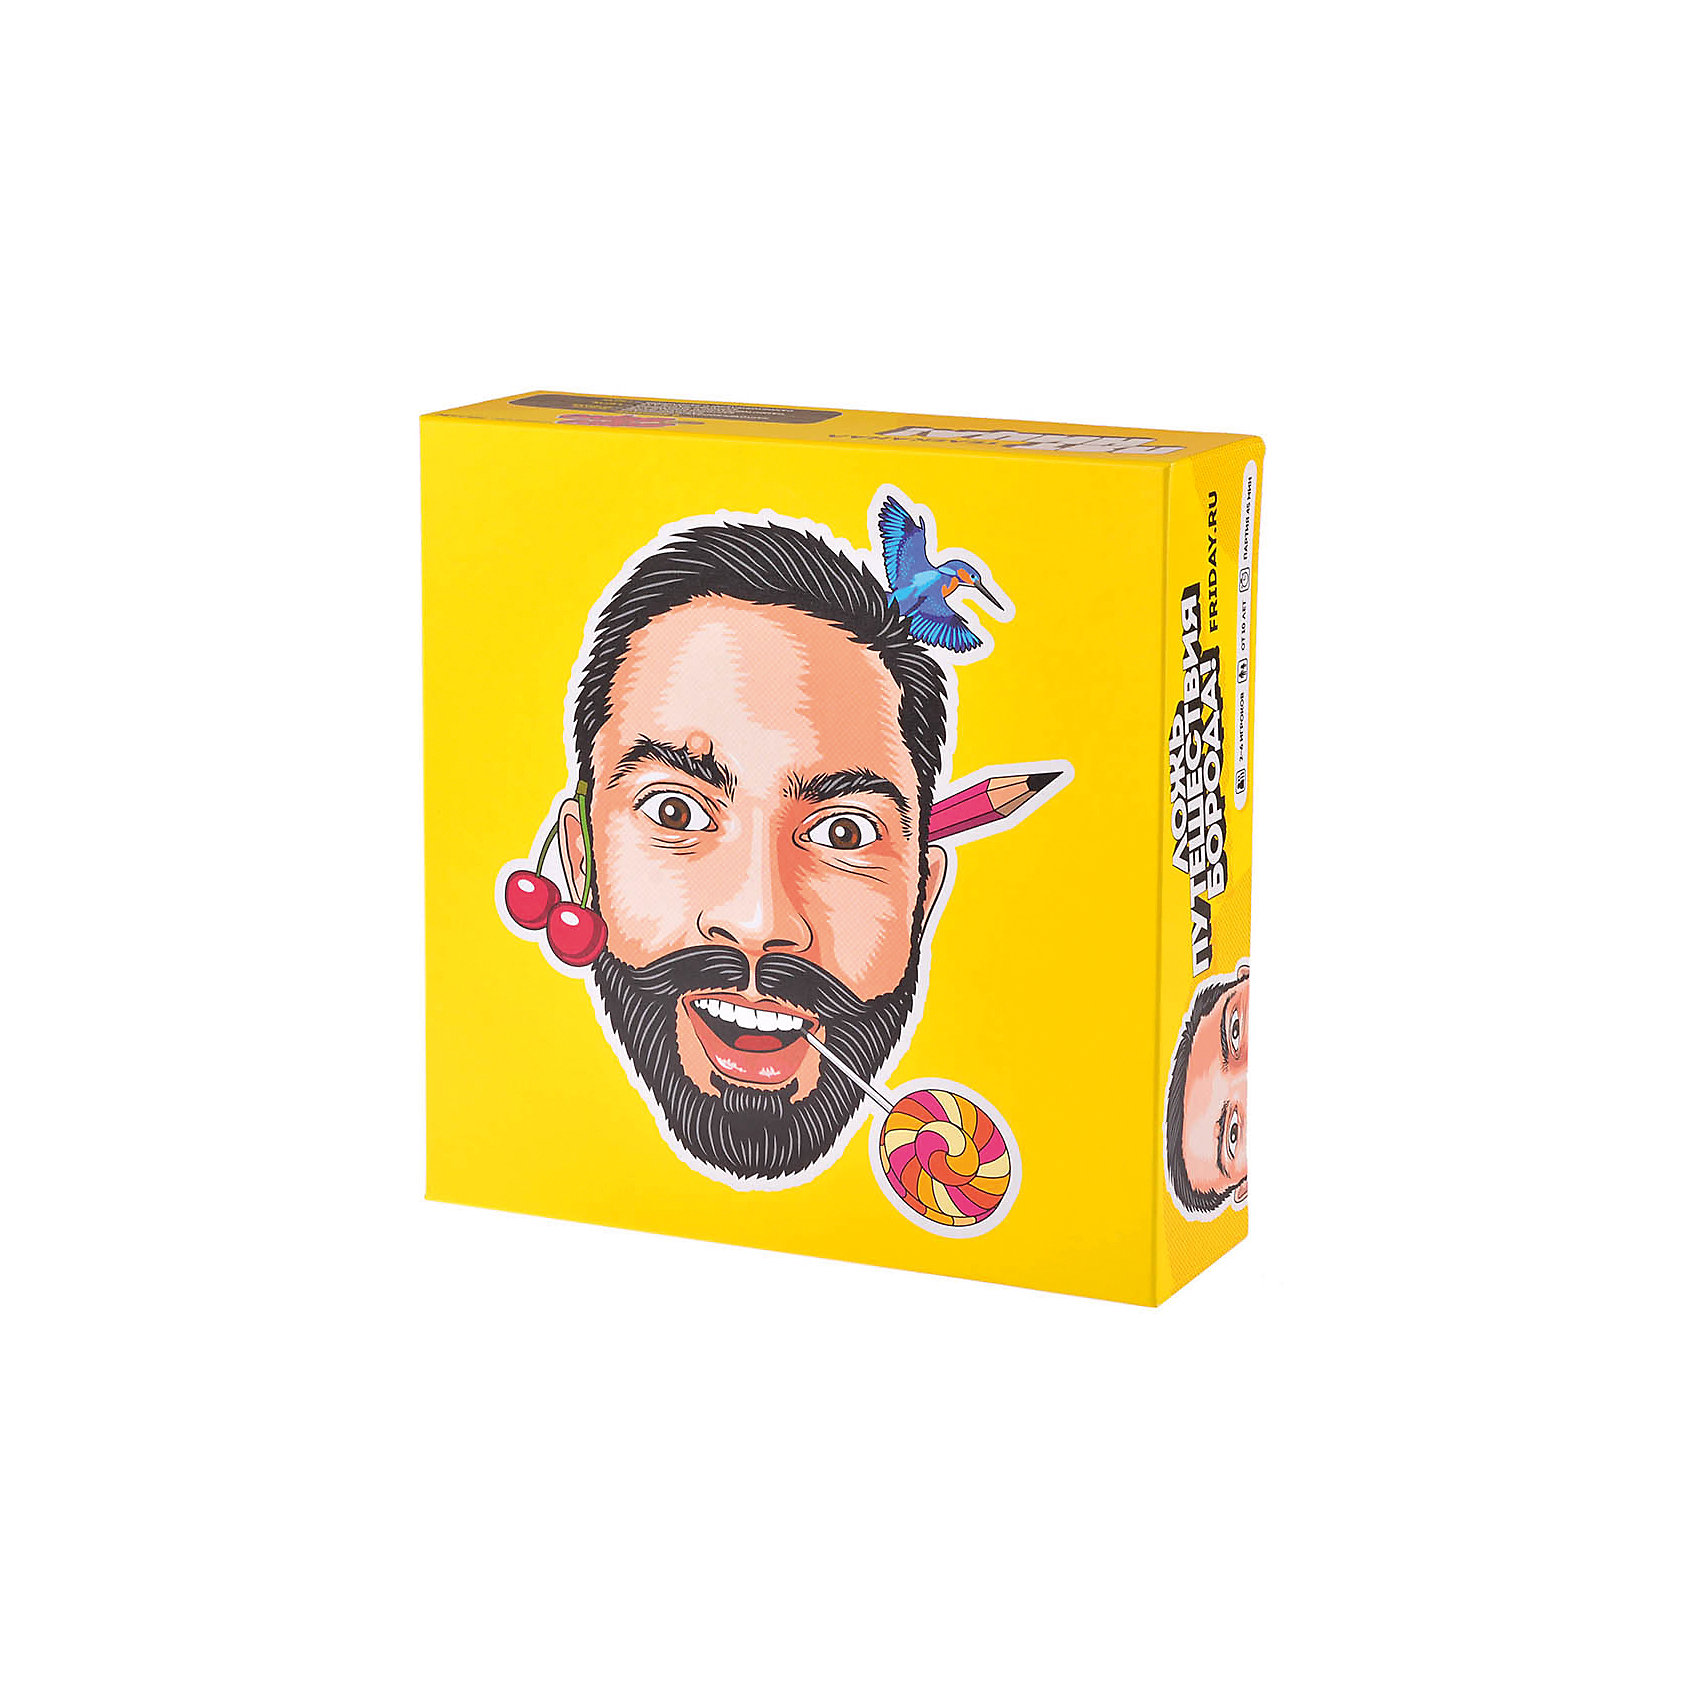 Настольная игра Верю - не верю Ложь Путешествия Борода!, МагелланНастольные игры для всей семьи<br>Характеристики:<br><br>• возраст: от 12 лет<br>• комплектация: карточки-бороды с вопросами—45 штук; карточки-фанты—43 штуки; карточки-бороды для самостоятельного заполнения— 5 штук; карточки-фанты для самостоятельного заполнения—7 штук.<br>• материал: картон<br>• количество игроков: от 2 до 6 человек<br>• упаковка: картонная коробка<br>• размер упаковки: 26х26х5,7 см.<br>• вес: 550 гр.<br><br>Веселая бородатая викторина с фантами от шоу «Верю не верю». Лживые и правдивые удивительные факты о городах, странах и народах. Половина карт в этой коробке выглядит как улыбающиеся хитрые бороды с усами. А вторая половина — это фанты для тех случаев, когда вы приняли ложь за правду или наоборот.<br><br>Участникам игры раздаются по 4 карточки-бороды. Игроки по очереди задают соперникам вопросы с карточек-бород. Соперник должен быстренько сообразить и решить, правдив этот факт или ложен («правда» или «ложь»). Если он дает неверный ответ, то проигрывает ход, берет карточку из стопки карточек с фантами, читает фант и выполняет его. В наборе есть несколько пустых карточек-бород и фантов для самостоятельного заполнения.<br><br>Игра «Верю - не верю Ложь Путешествия Борода!» отлично подойдет для большой компании.<br><br>Настольную игру Верю - не верю Ложь Путешествия Борода!, Магеллан можно купить в нашем интернет-магазине.<br><br>Ширина мм: 260<br>Глубина мм: 260<br>Высота мм: 57<br>Вес г: 550<br>Возраст от месяцев: 144<br>Возраст до месяцев: 2147483647<br>Пол: Унисекс<br>Возраст: Детский<br>SKU: 7036641